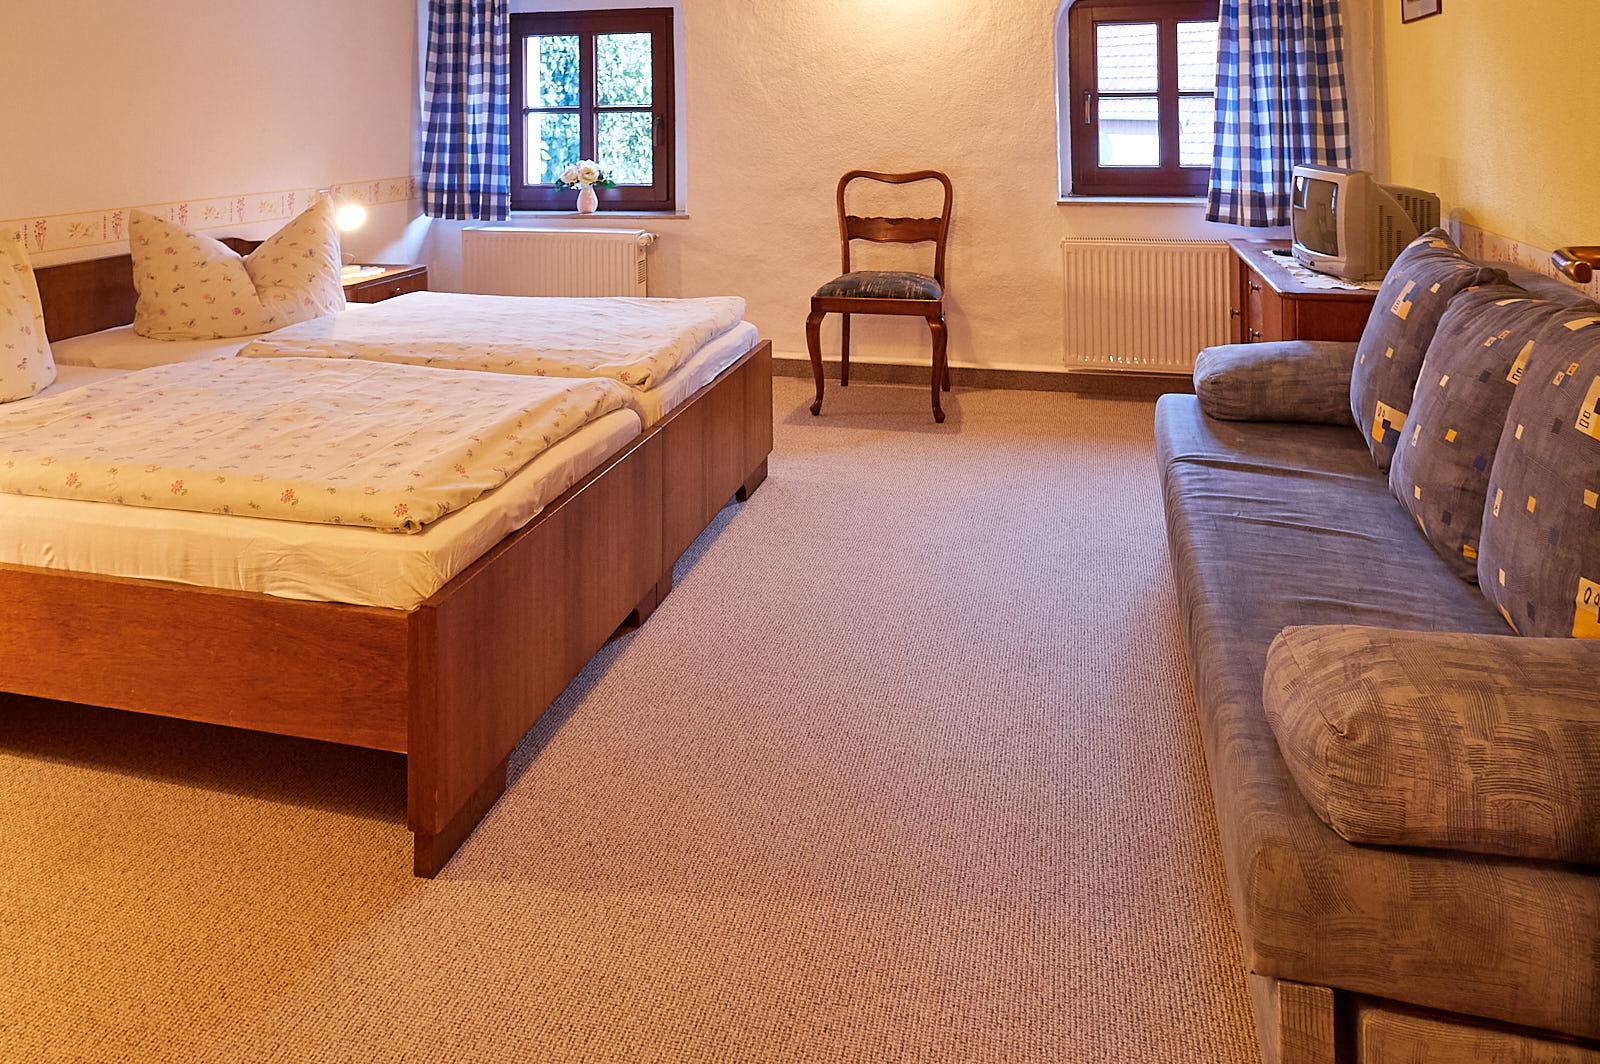 Ferienwohnung 4 – 5 Personen: Schlafzimmer mit Doppelbett und Schlafliege